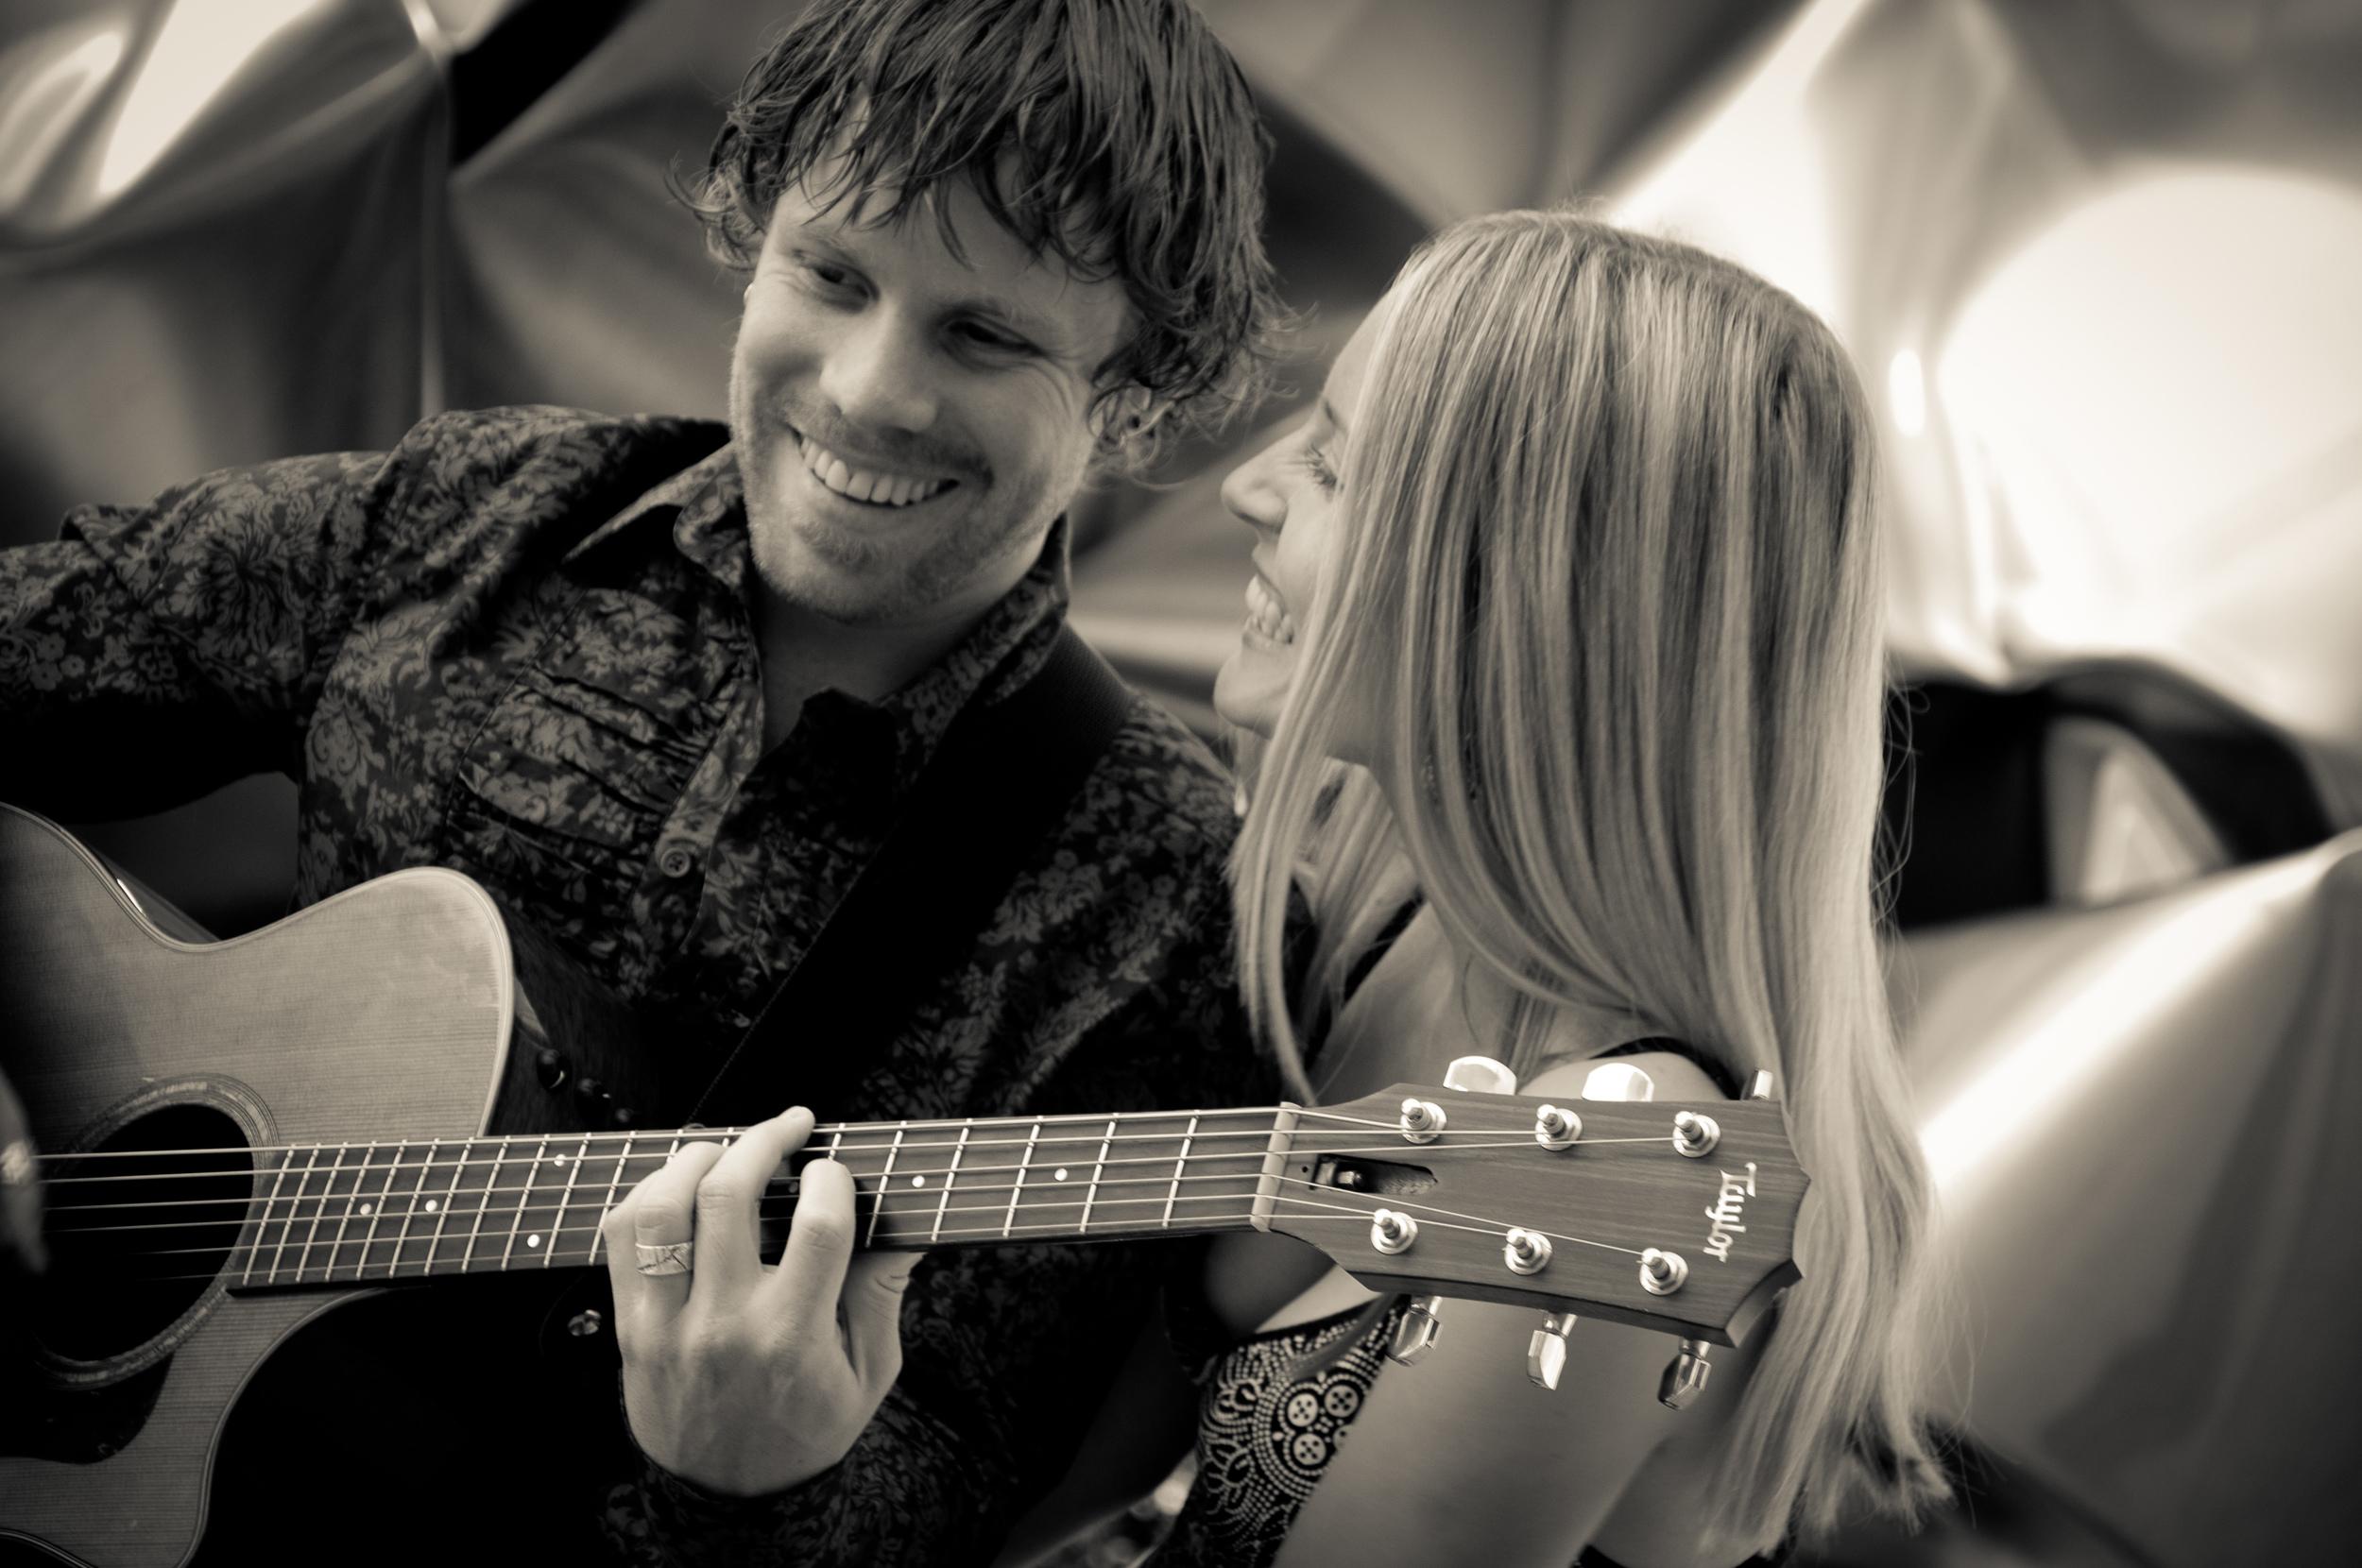 saint_george_utah_cedar_city_utah_zion_canyon_wedding_music_acoustic_singer_songwriter_wedding_singers.jpg